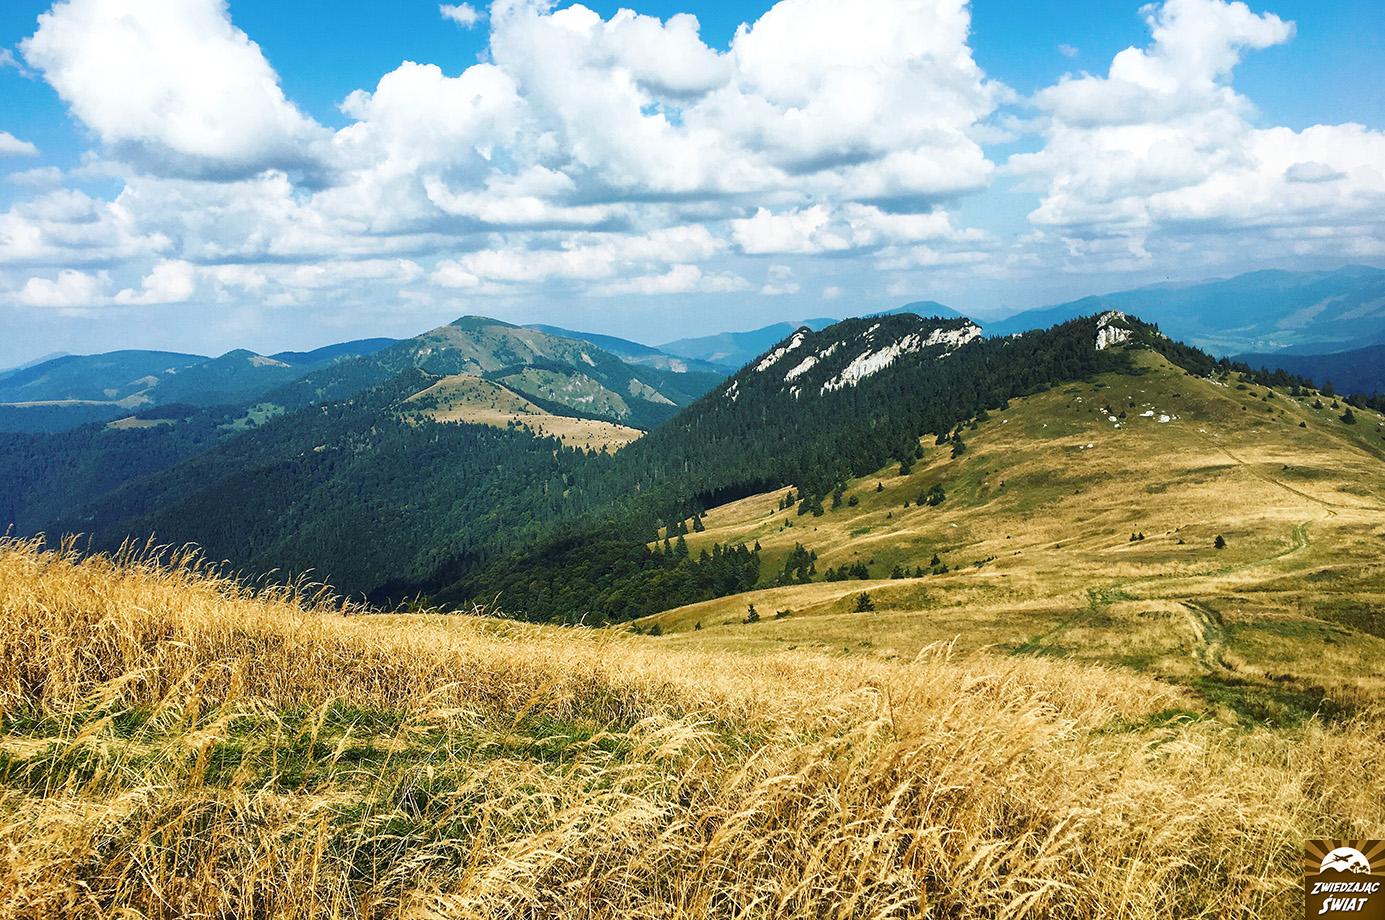 szlak z Ploski, Wielka Fatra, Słowacja